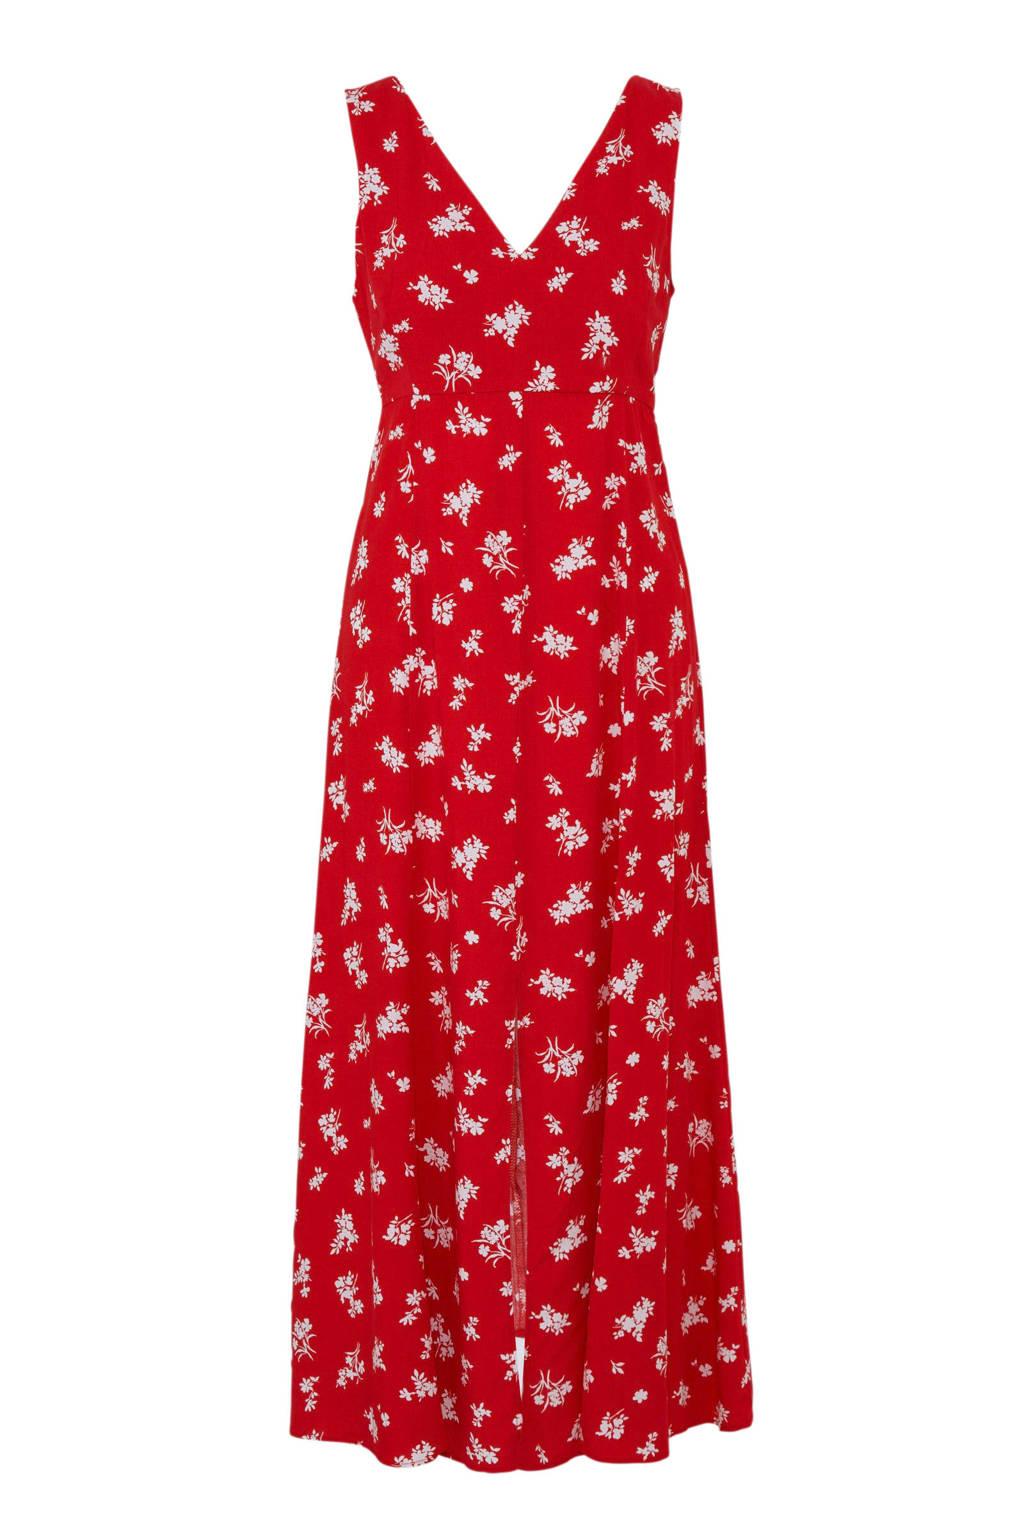 Mango maxi jurk met bloemen, Rood